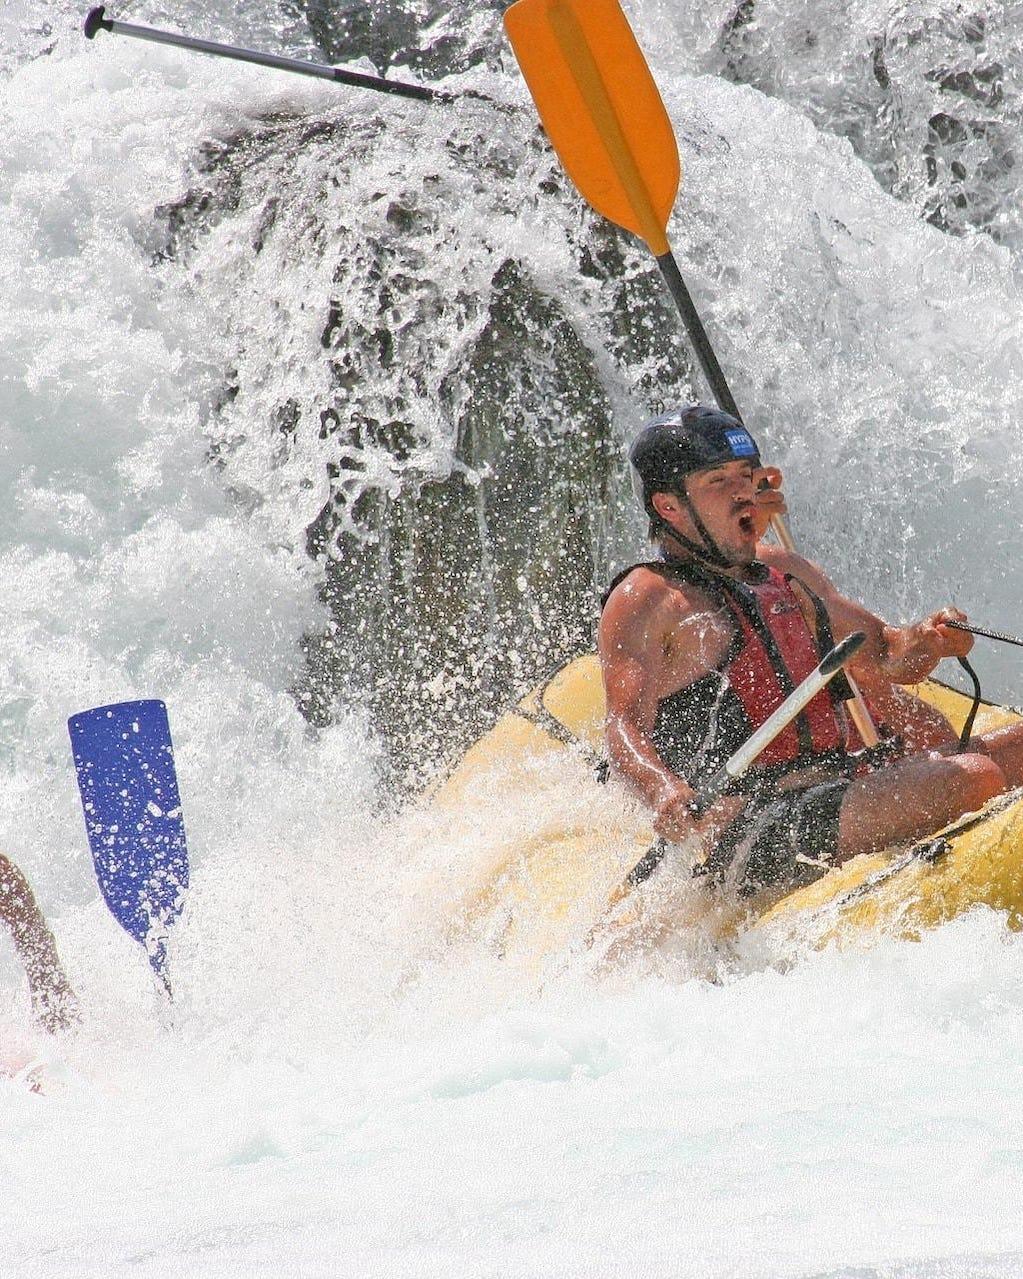 Rafting & Canyoning Styria (c) Pixabay